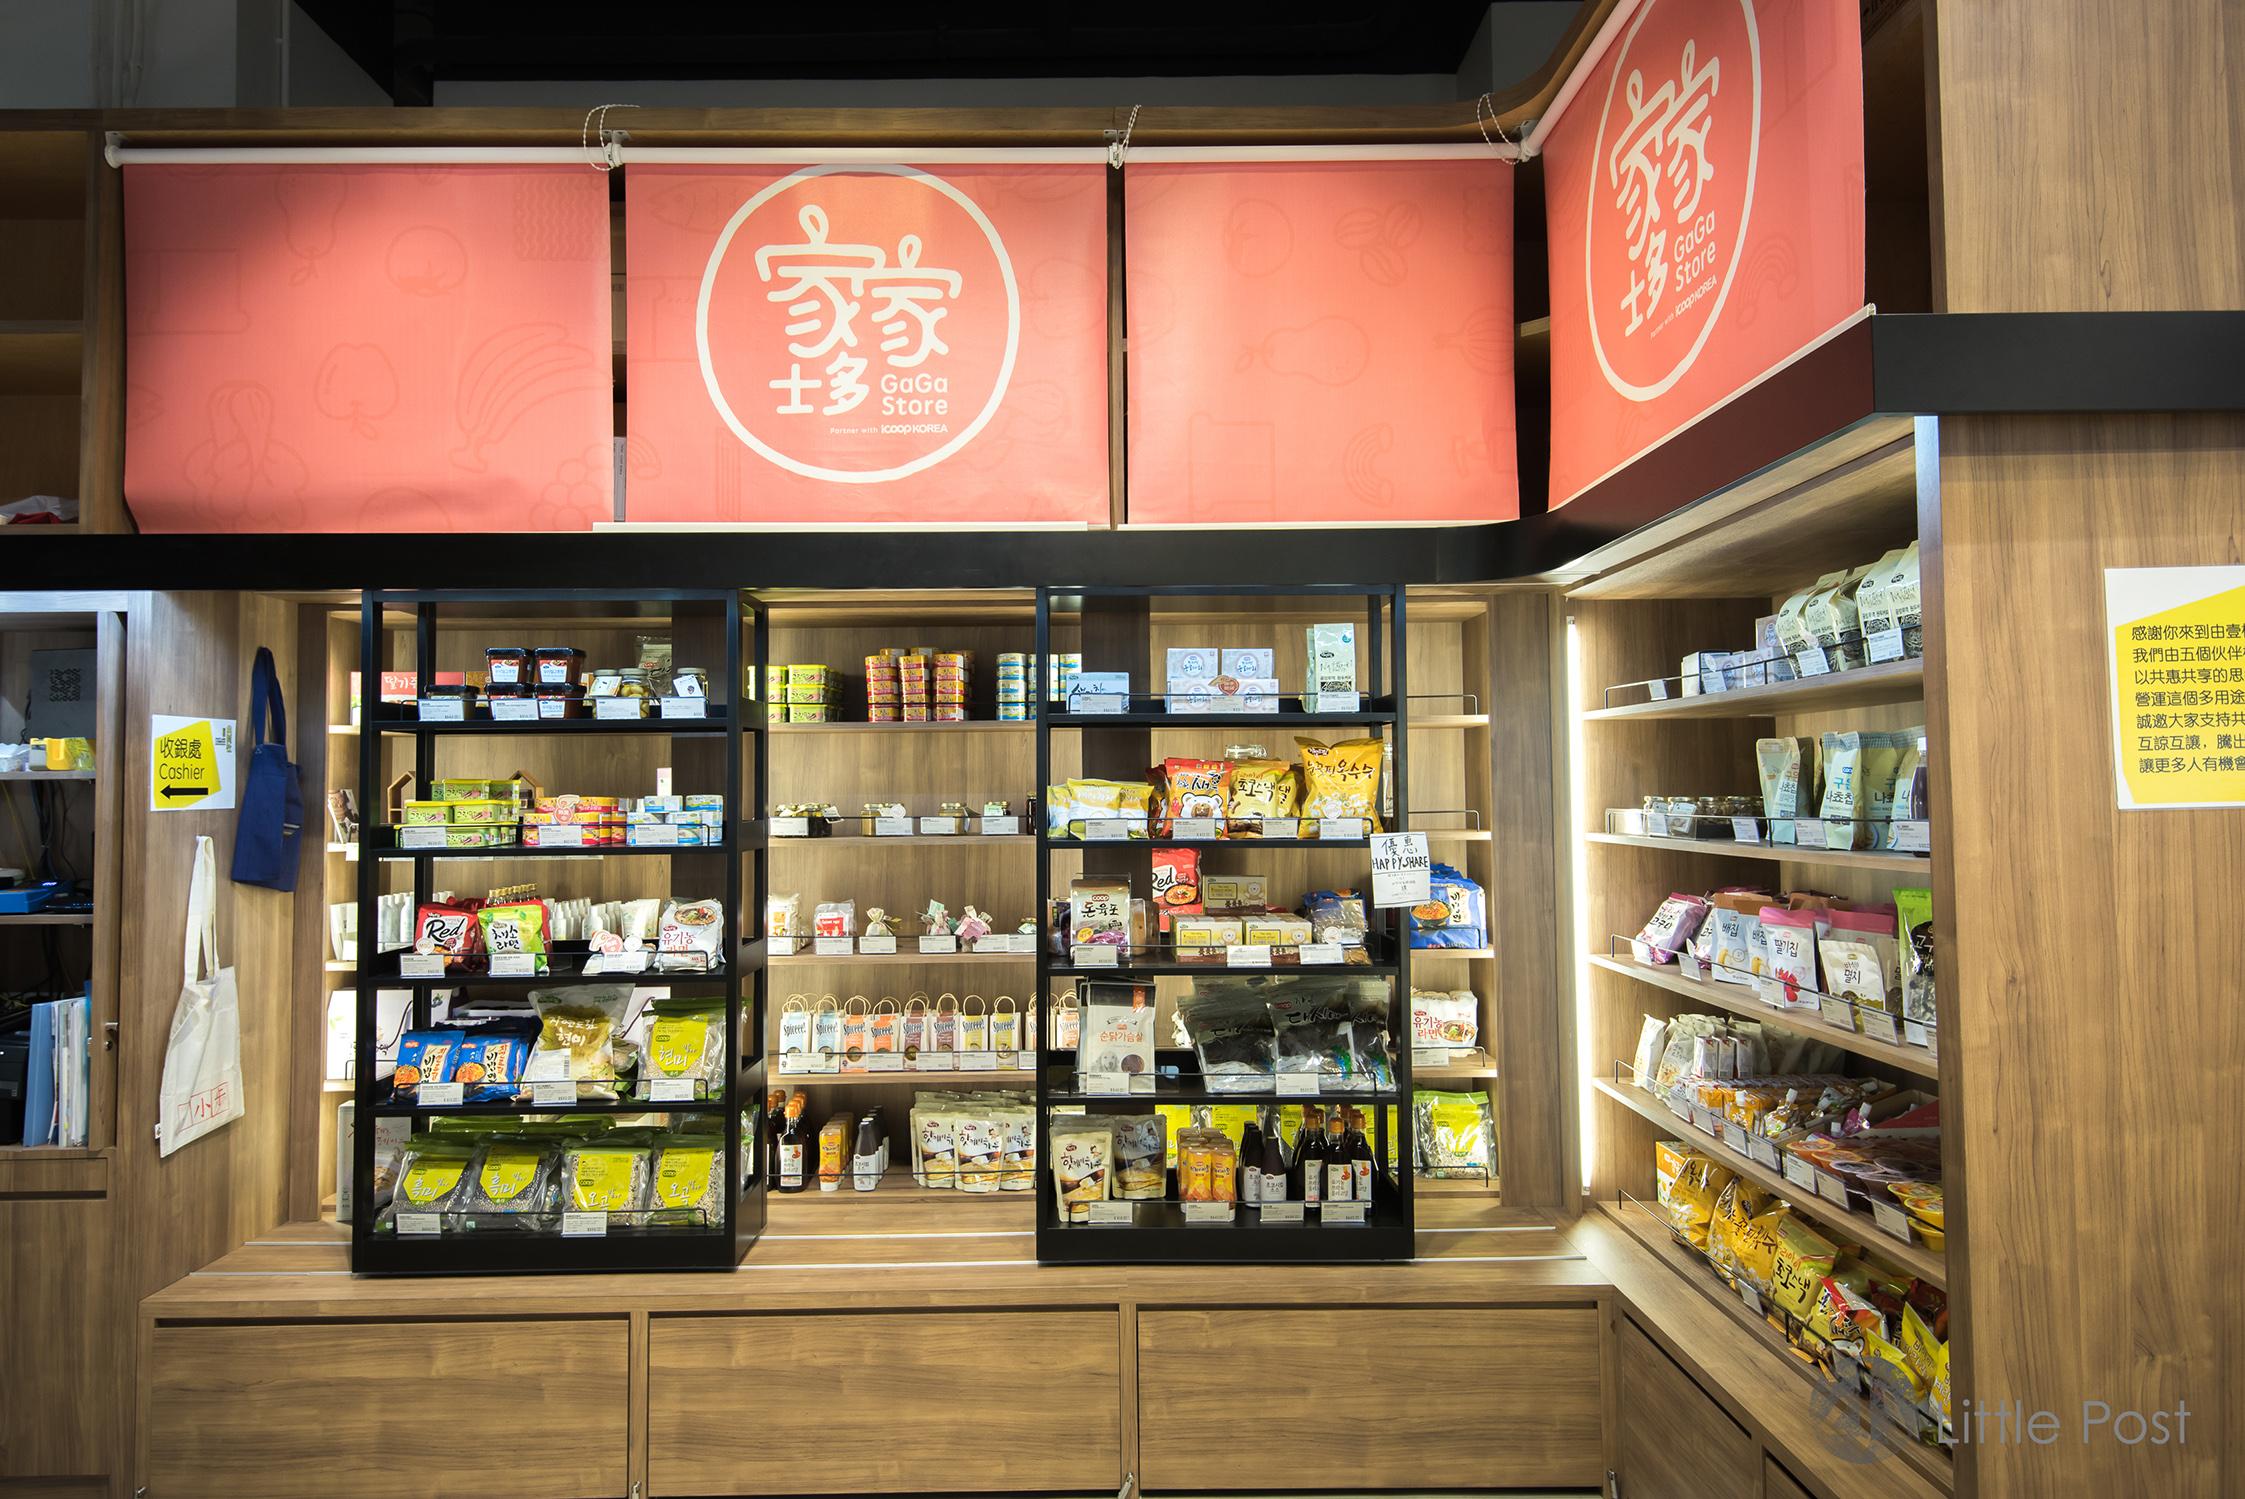 家家士多的產品都來自本地生產或韓國合作社iCOOP的食物和用品。